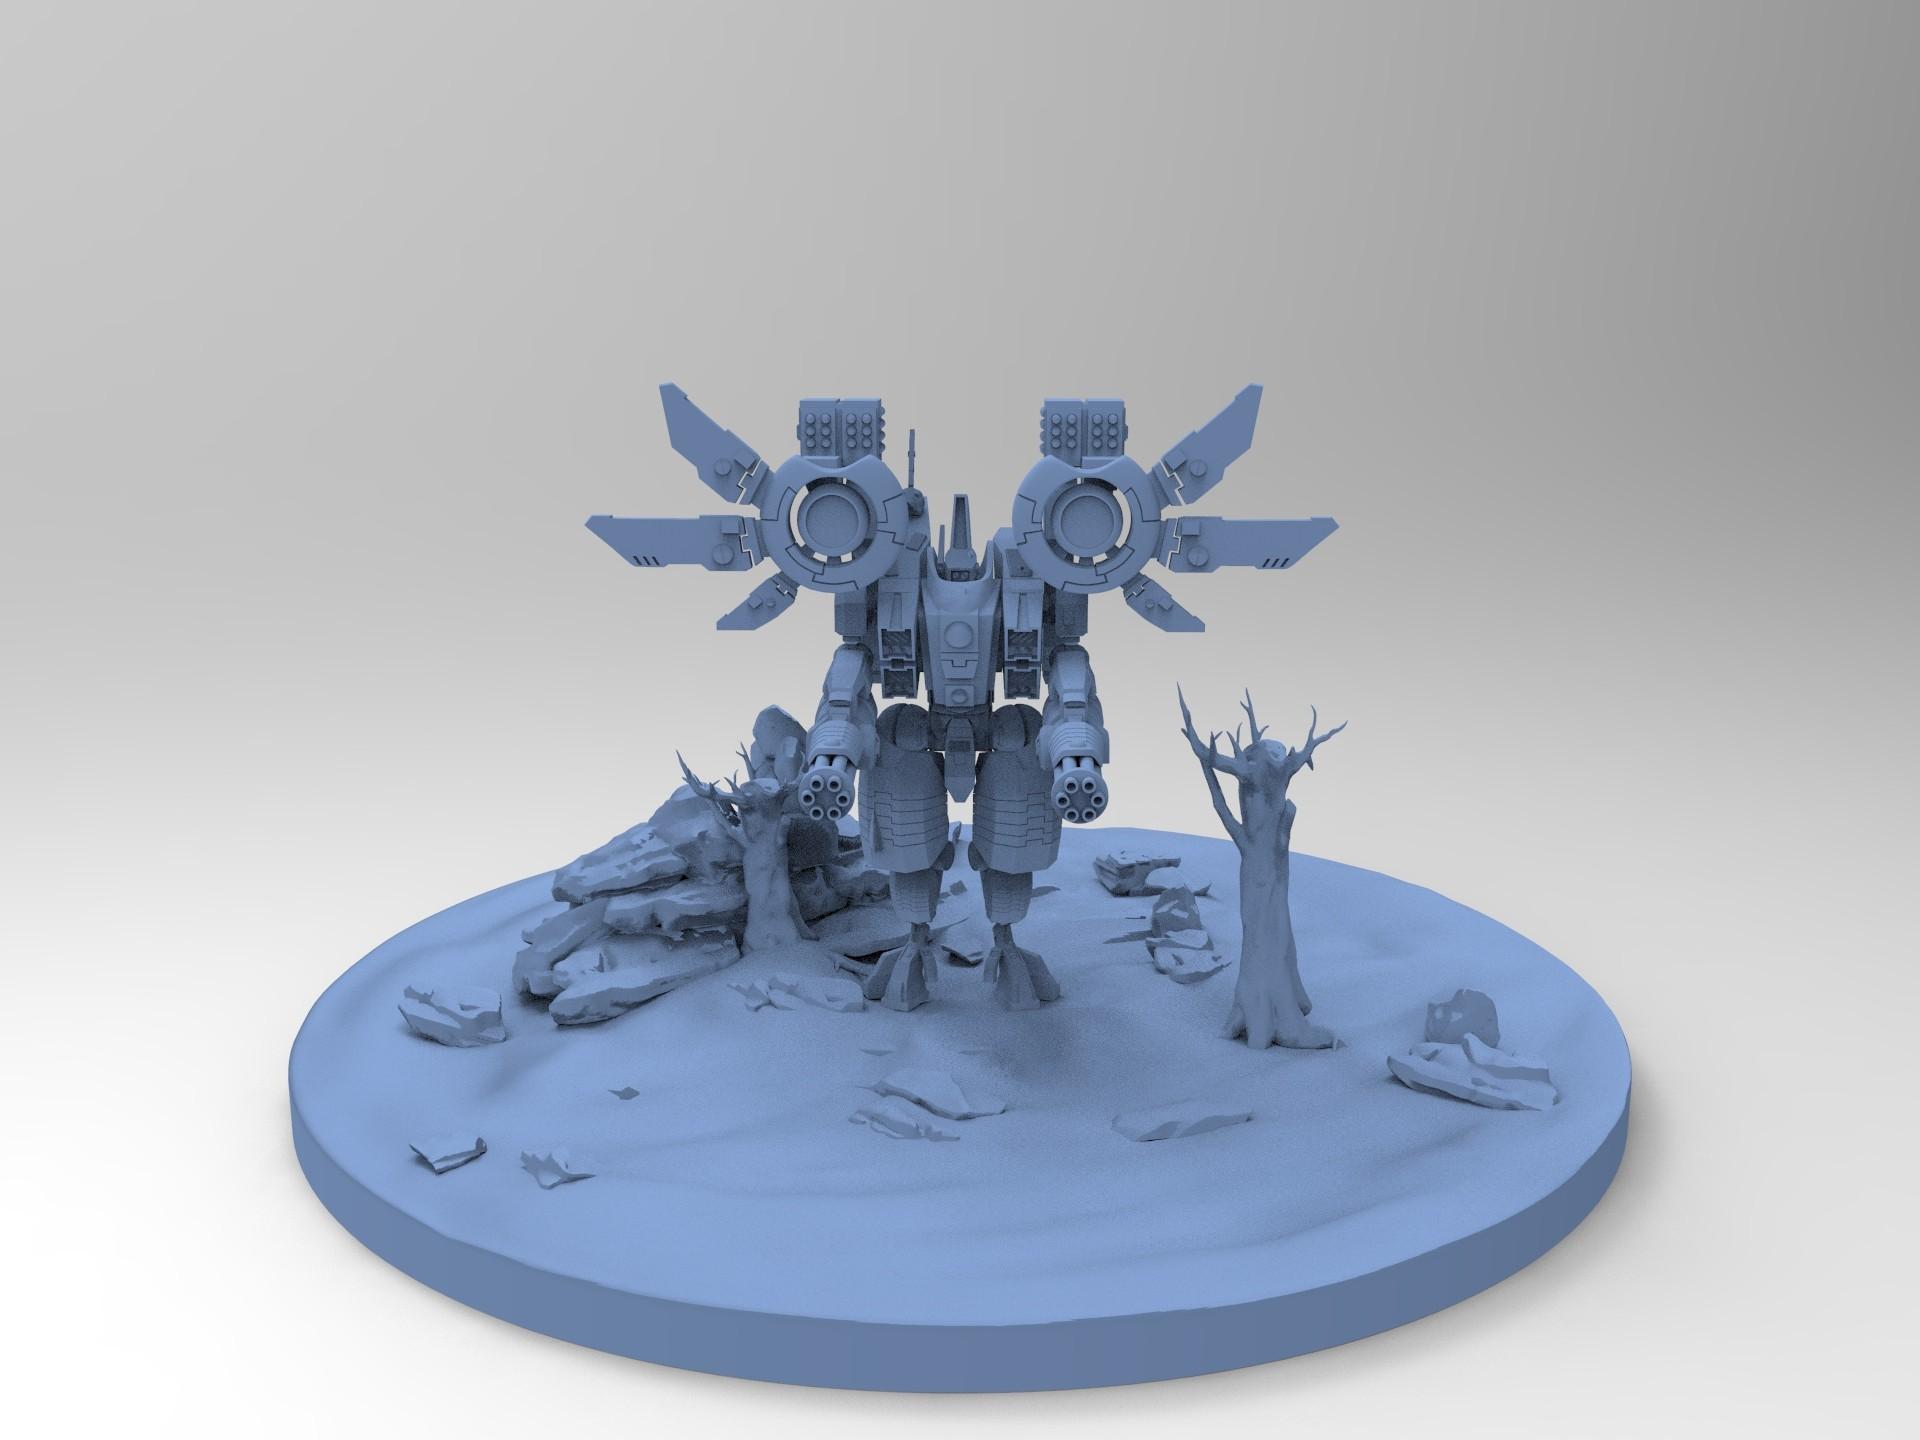 ArtStation - Riptide Battlesuit - Tau (warhammer 40k), Ben